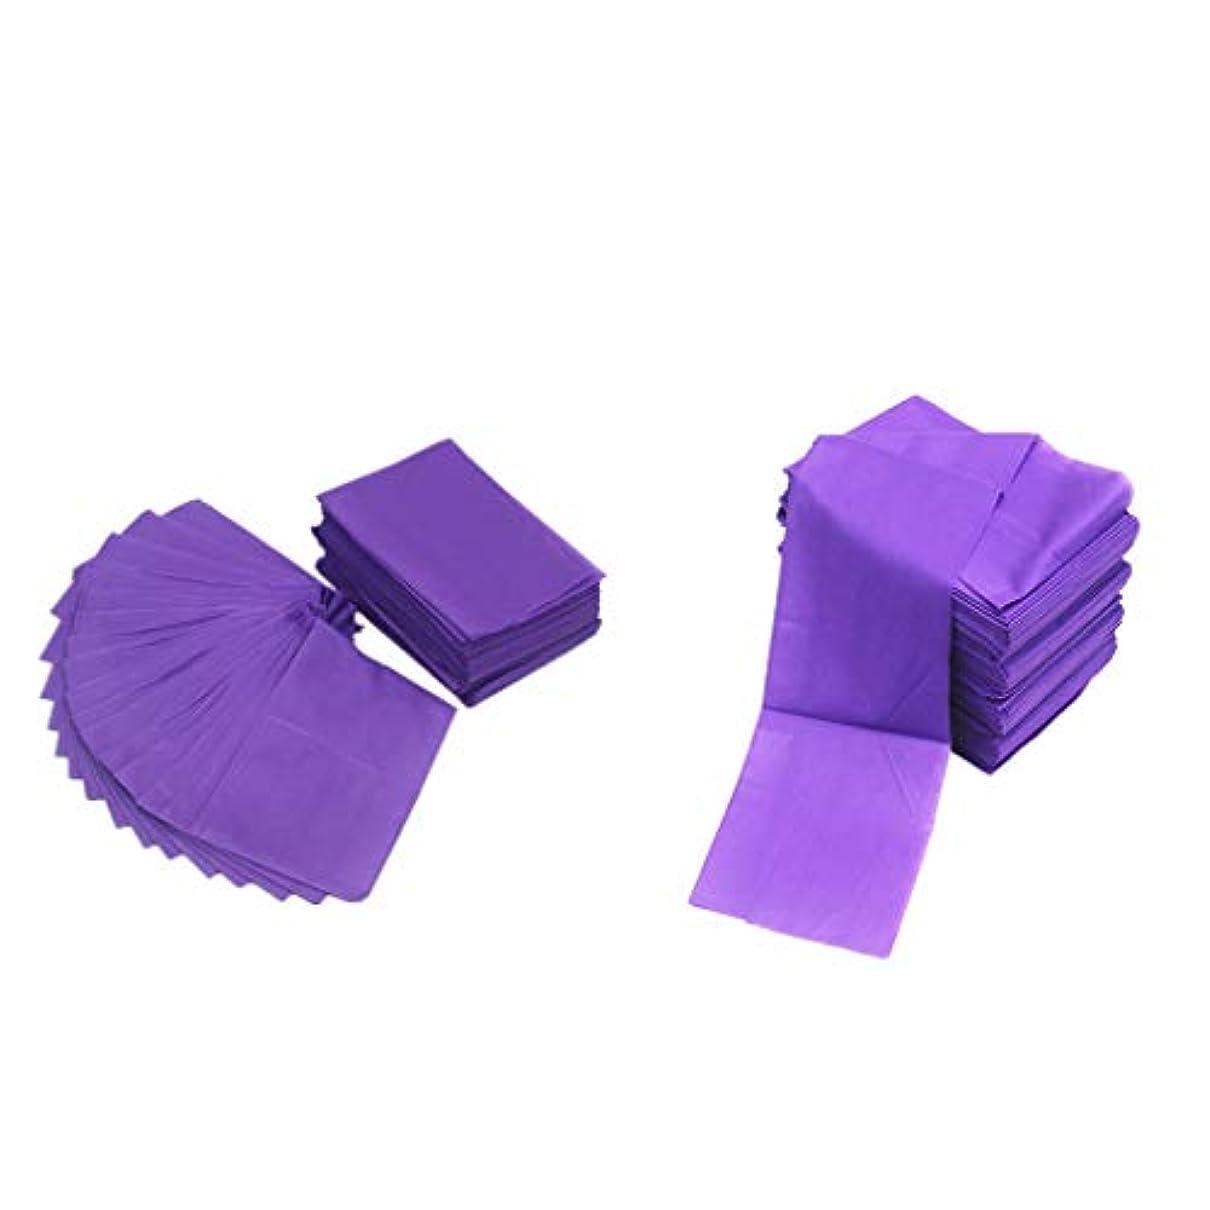 スロー実現可能気付くdailymall 失禁、マッサージテーブルシートのための20部分の不織布使い捨てシーツペーパー